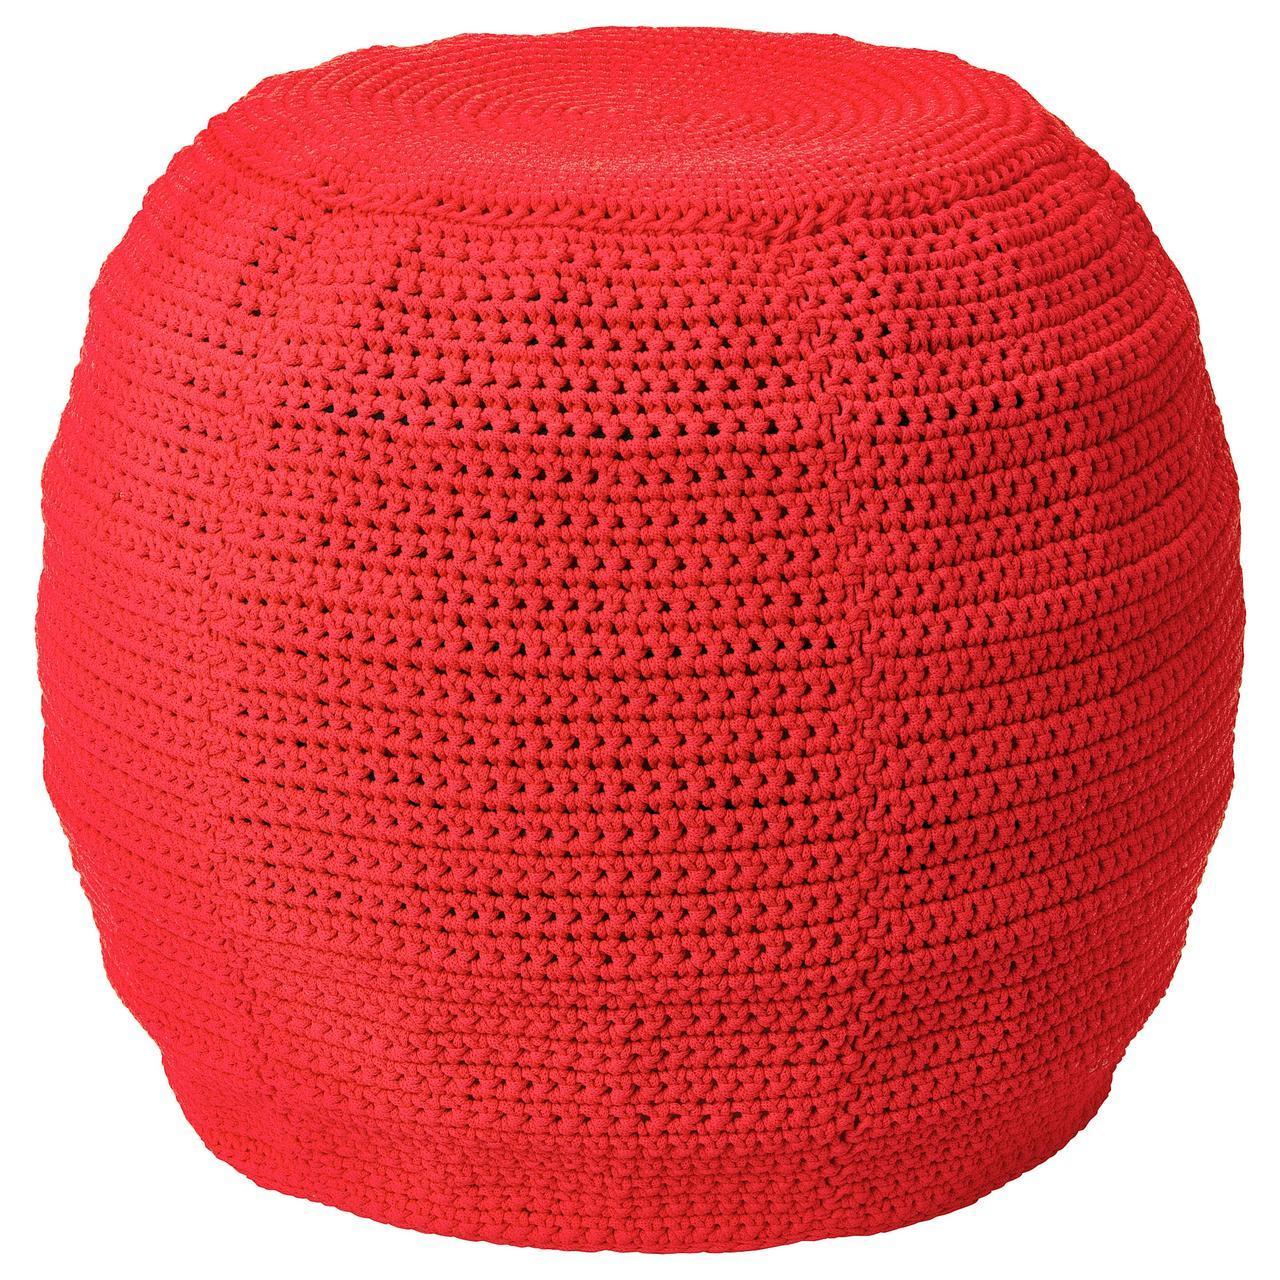 IKEA OTTERON/INNERSKAR Пуф, красный  (792.875.65)